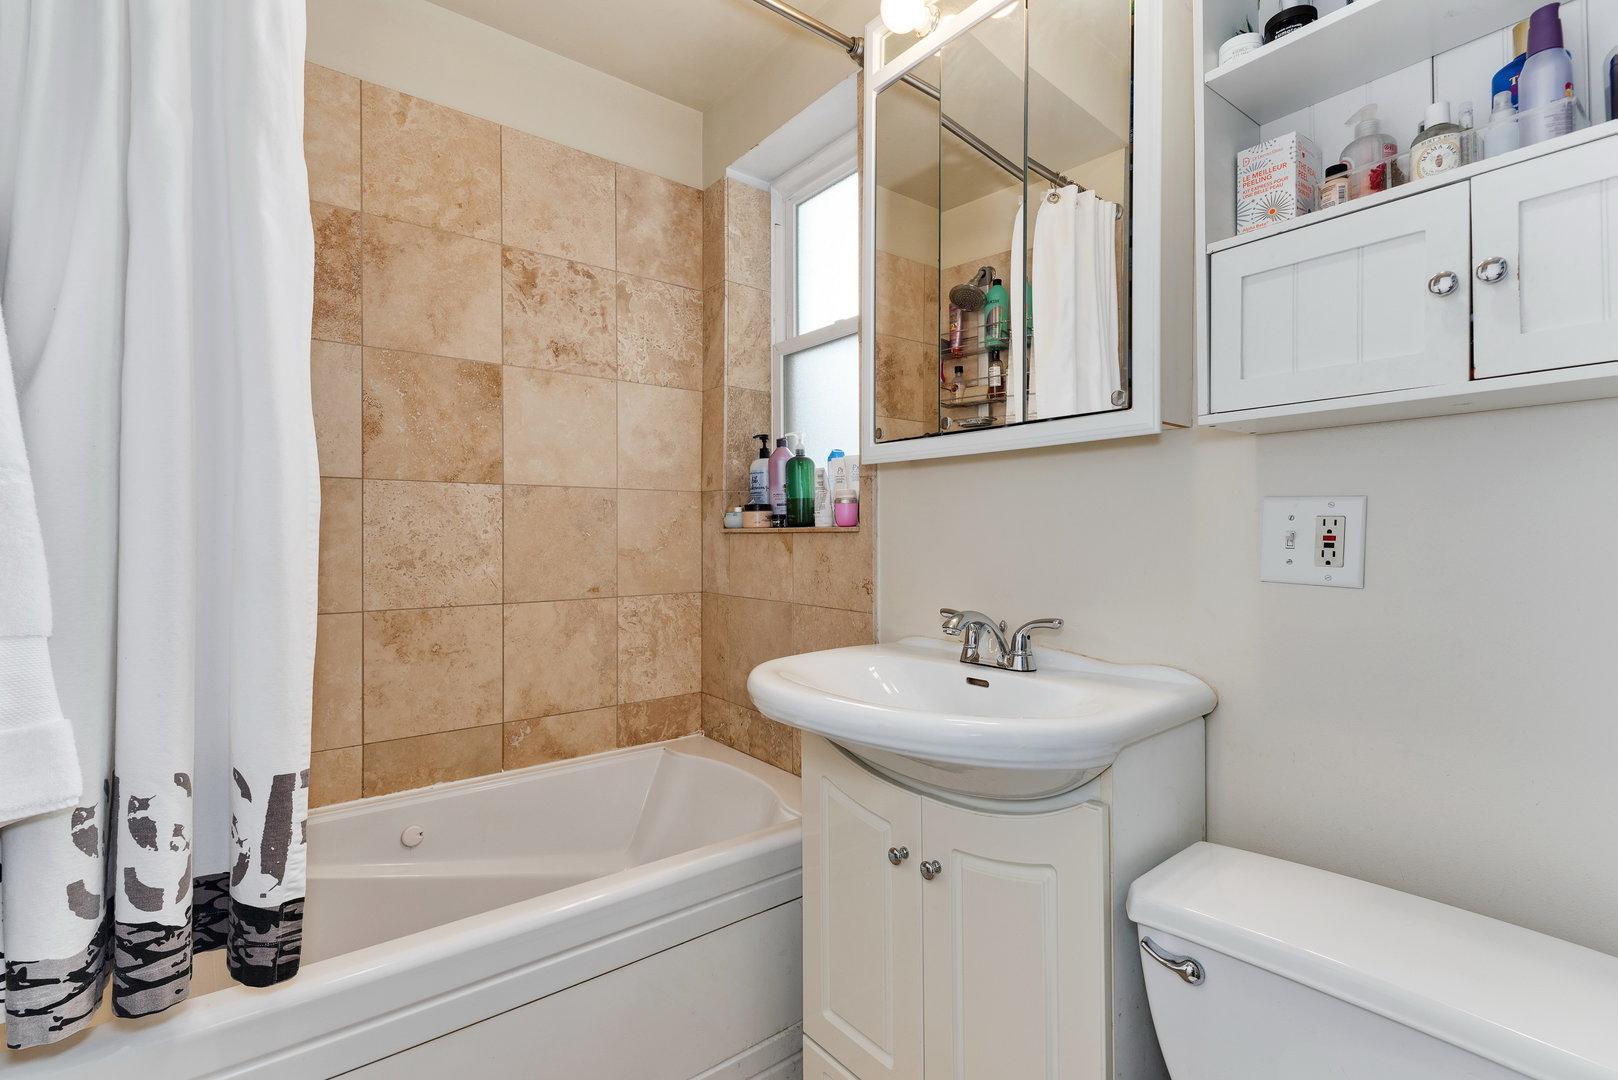 4909 N JANSSEN  Avenue, Unit 2W photo